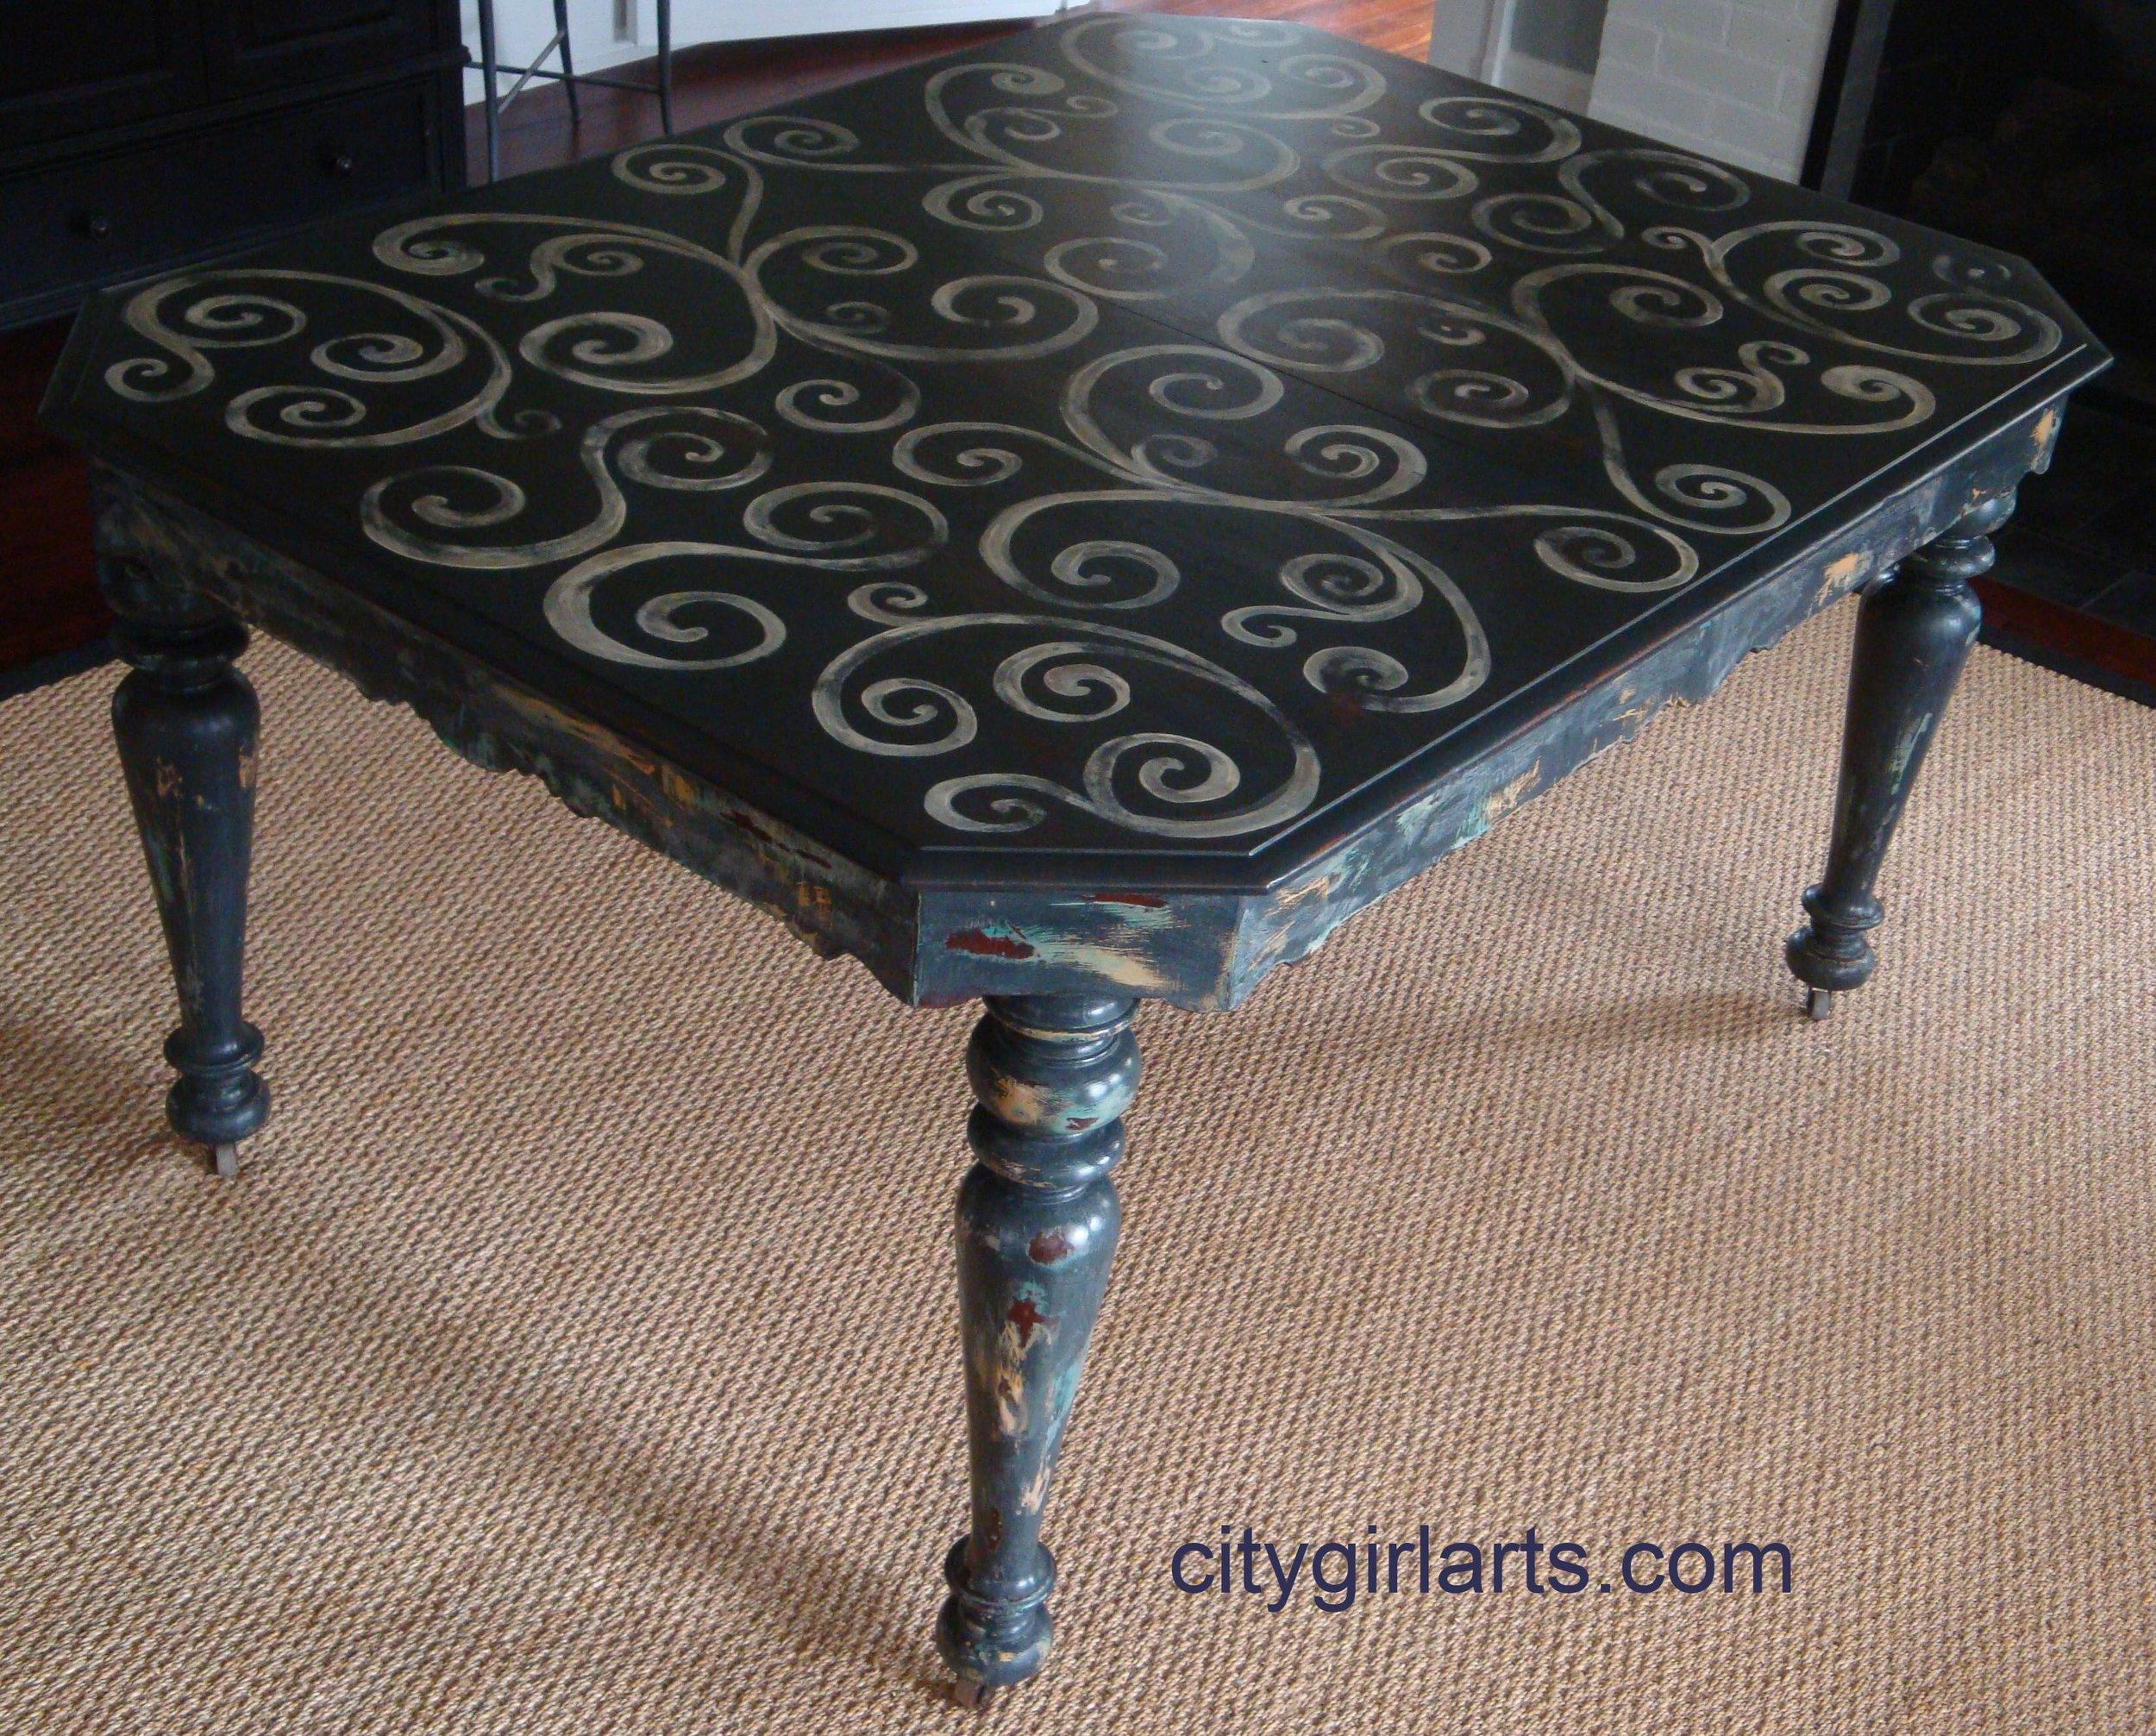 French Farm Swirl Table